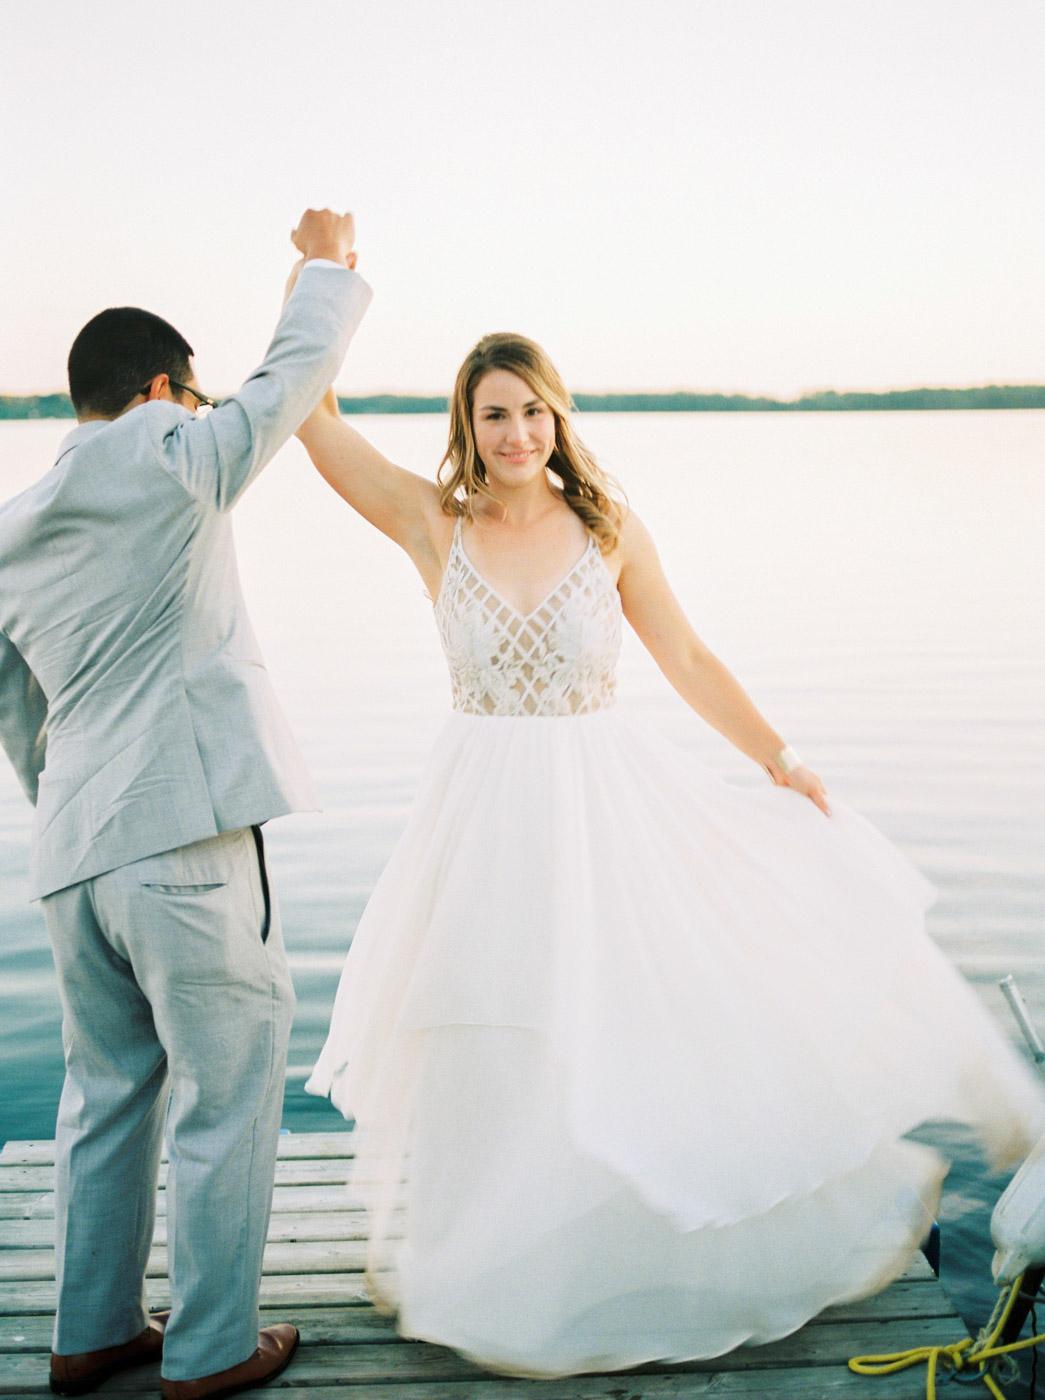 toronto_wedding_photographer_backyard_wedding-63.jpg